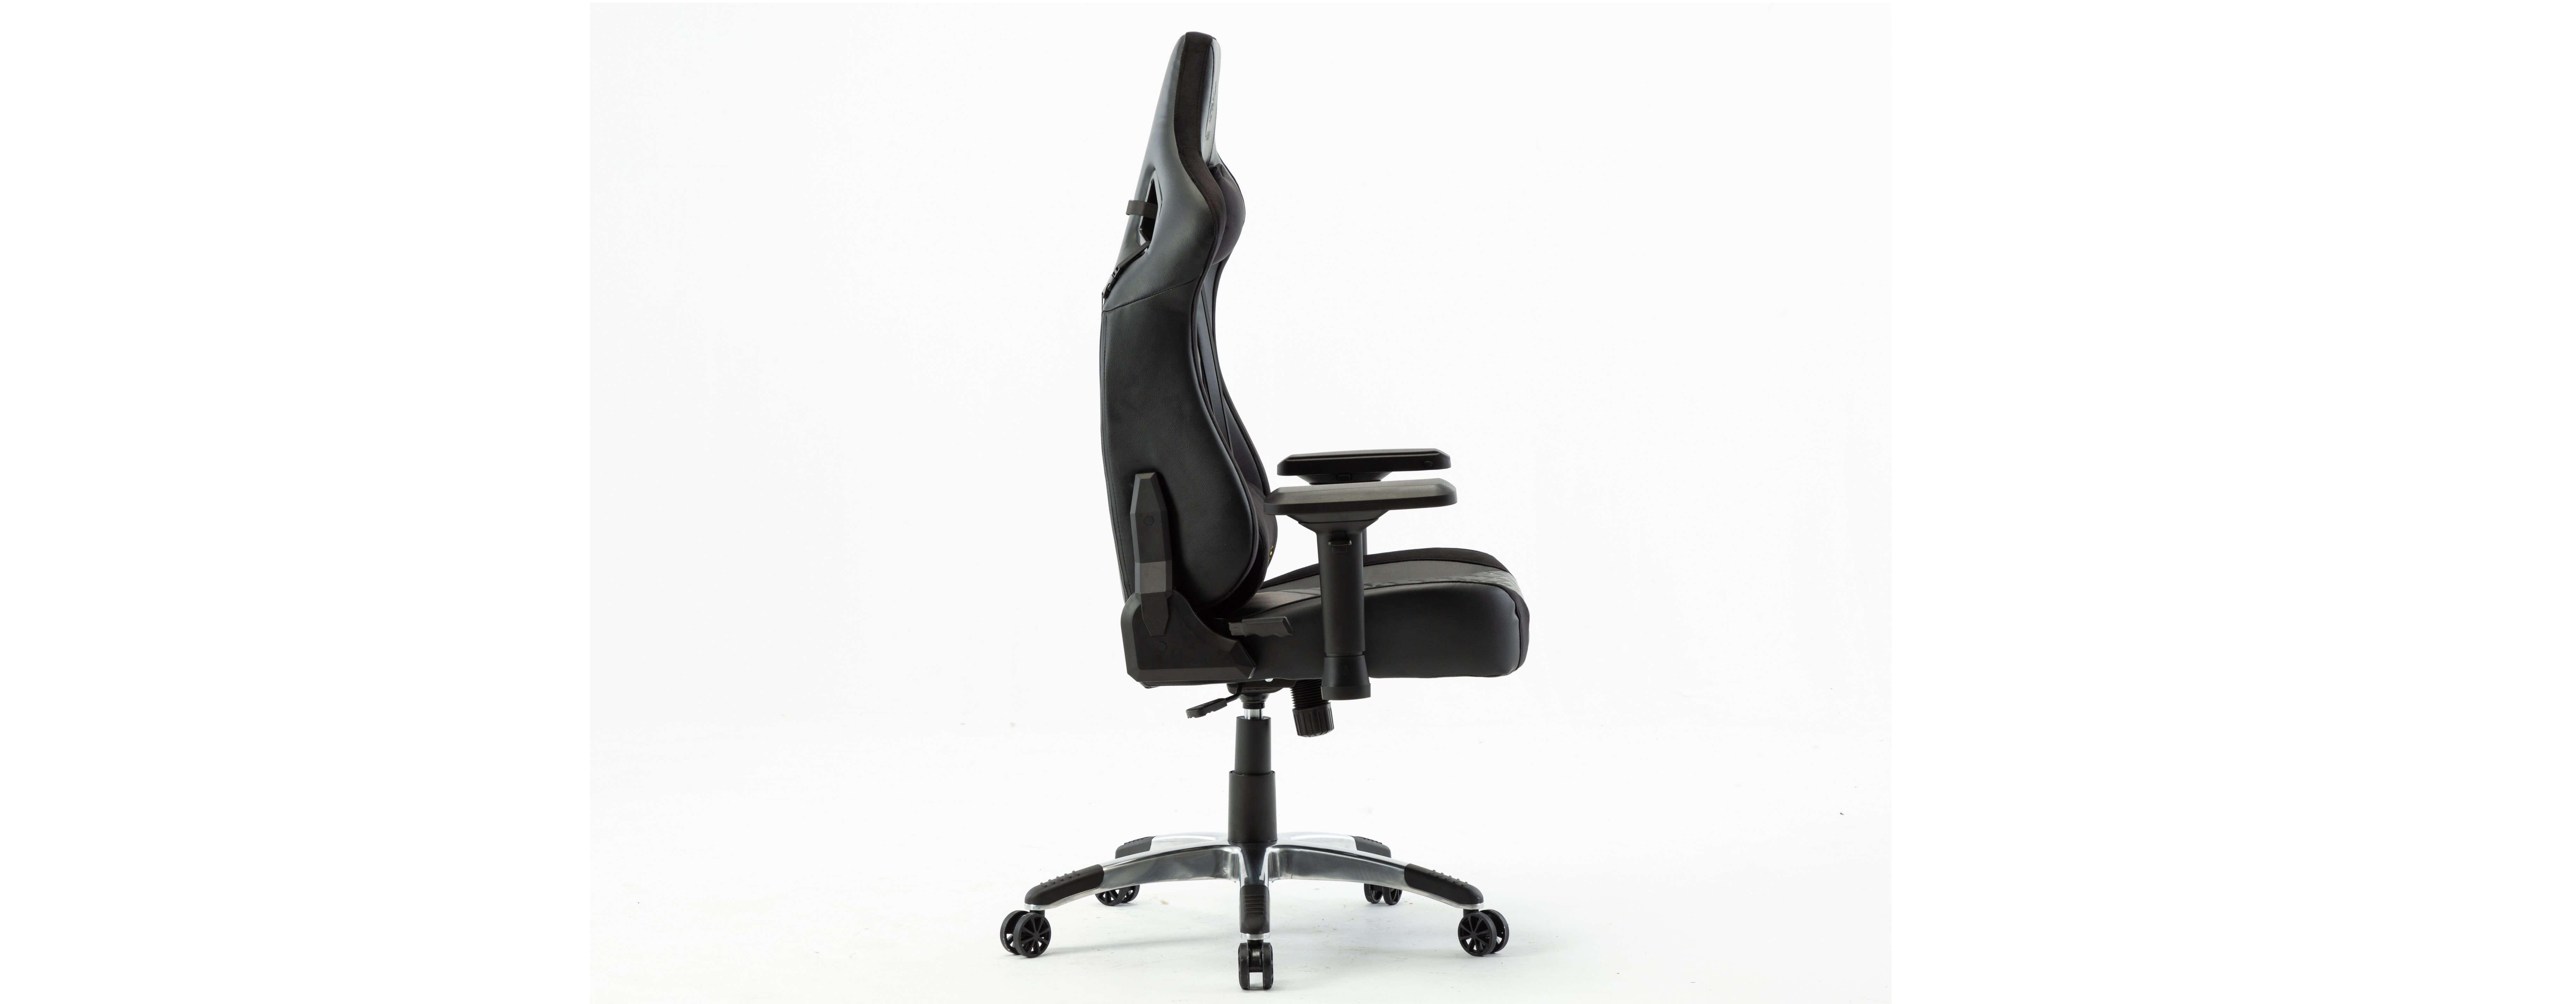 Ghế gamer E-Dra Hercules EGC203 Pro Black/Yellow có thiết kế công thái học ôm sát lưng